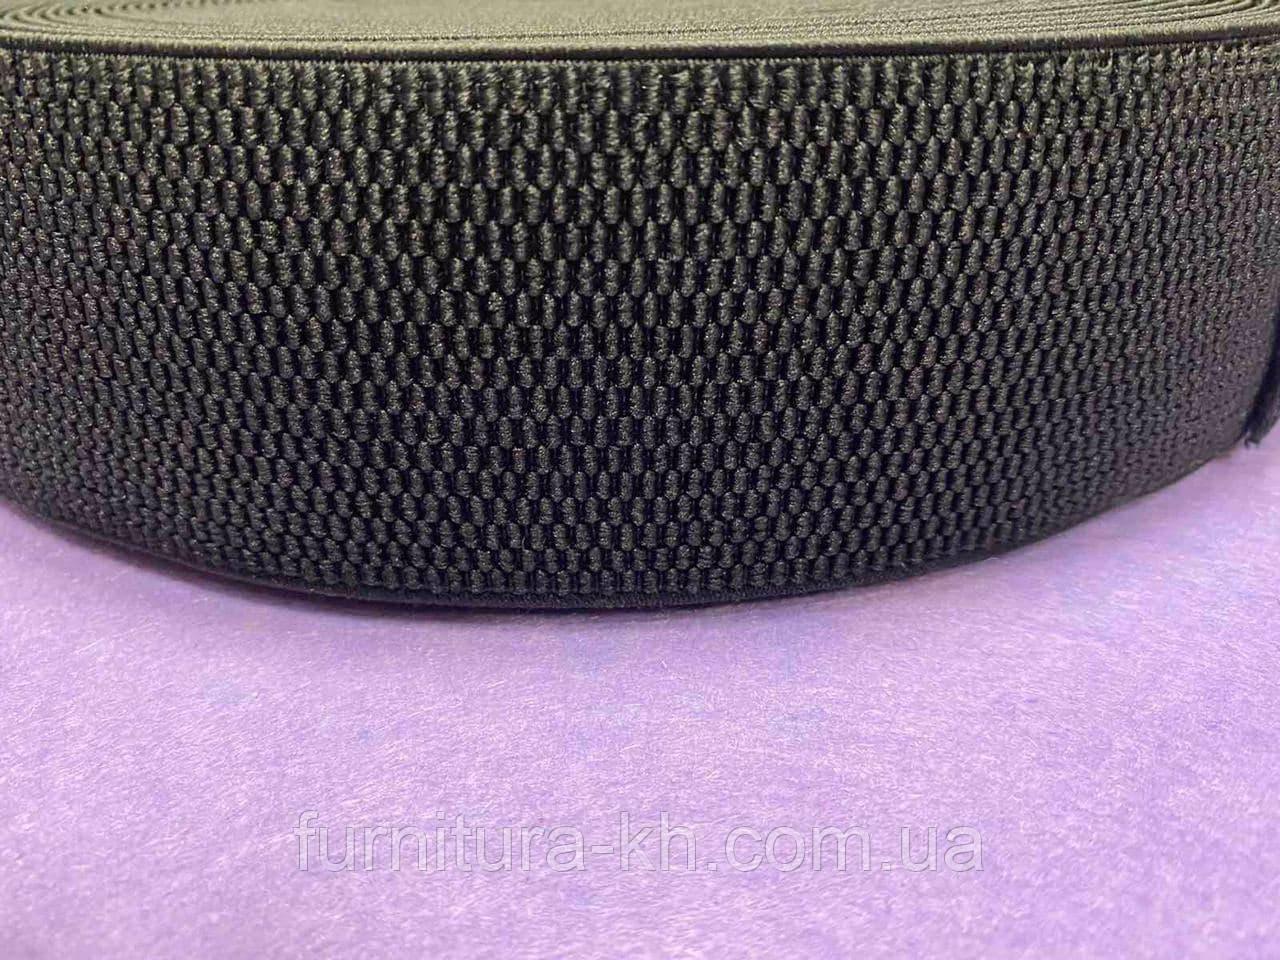 Резинка Поясная-Манжетная Черная 6 см. В рулоне 25 м